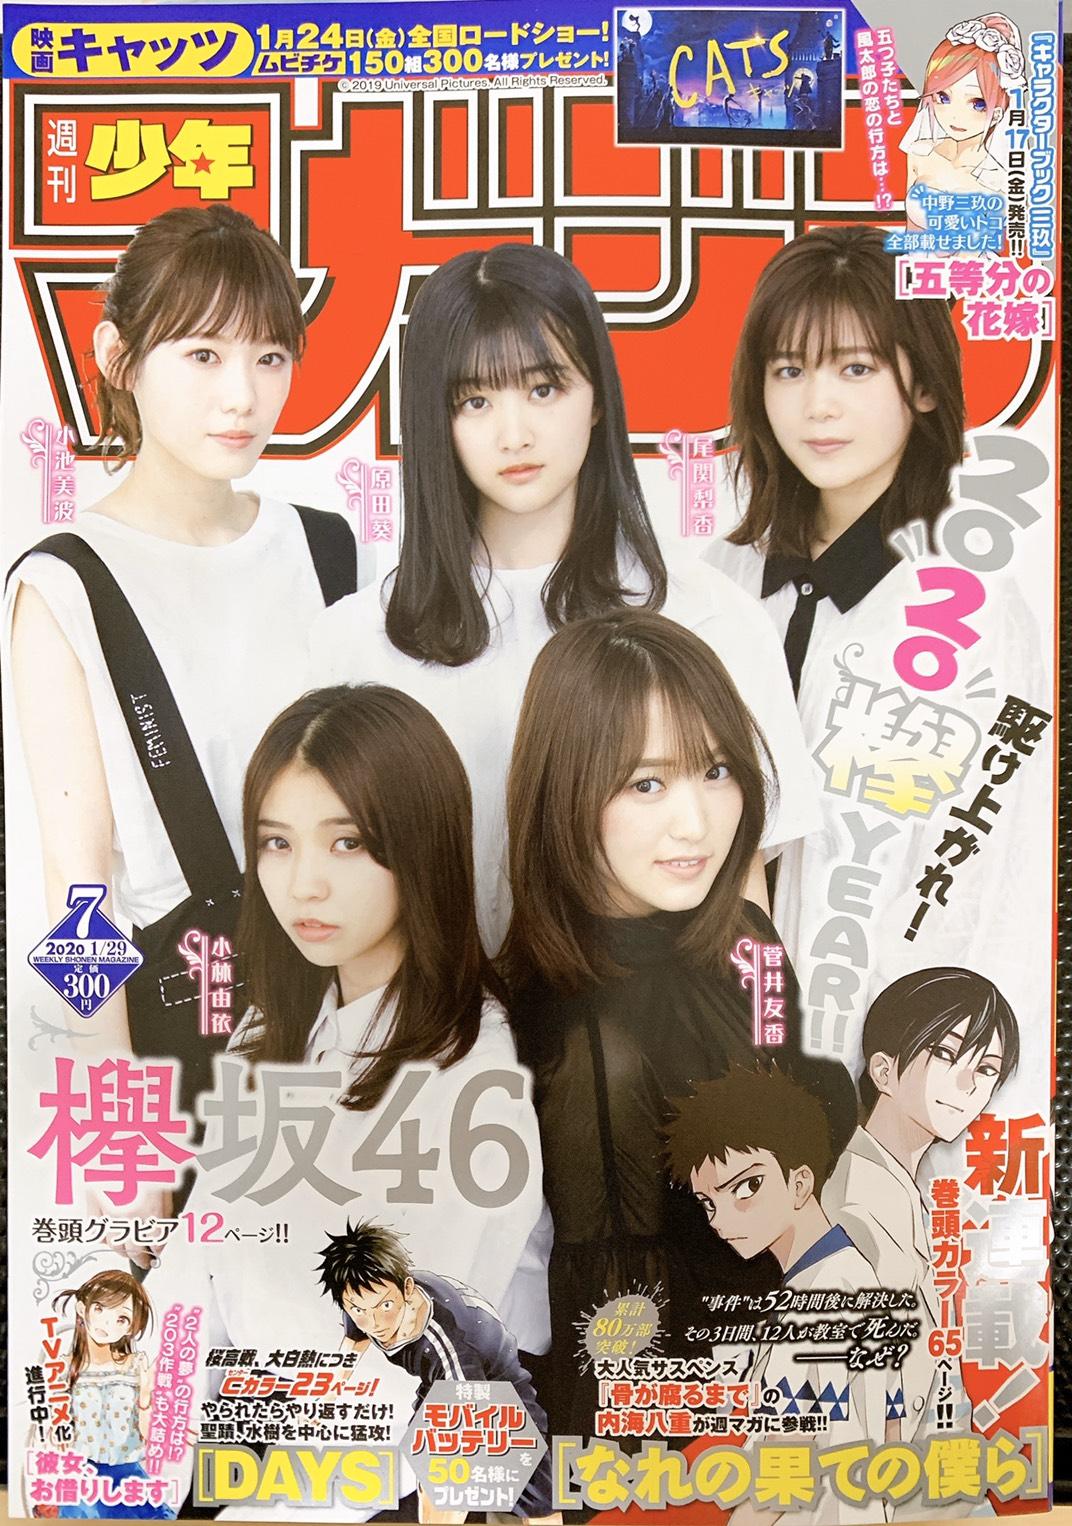 週刊少年マガジン 2020年01月29日号  07号 欅坂46